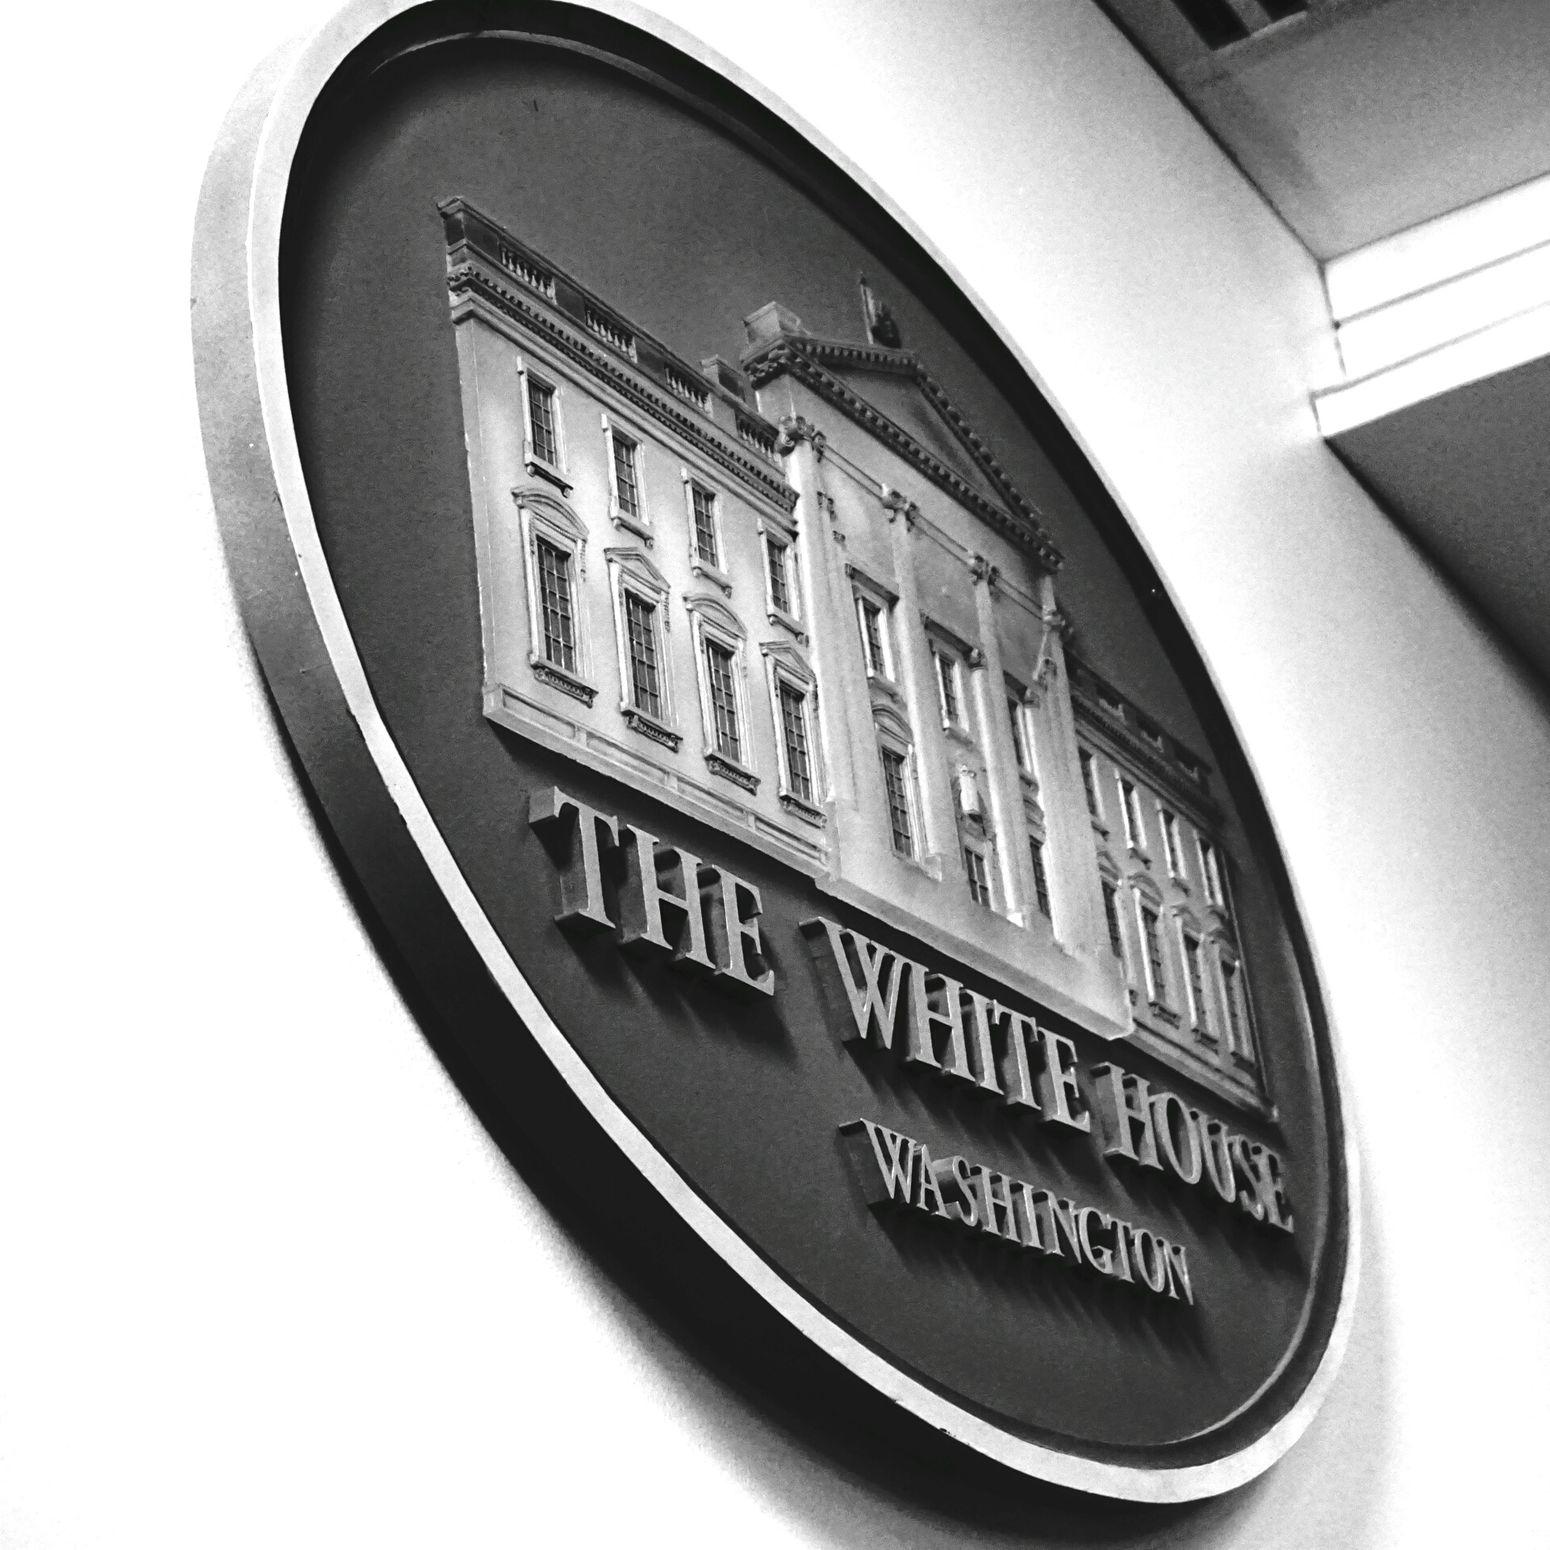 Washington Washington, D. C. Taking Photos Press Whitehouse WestWing